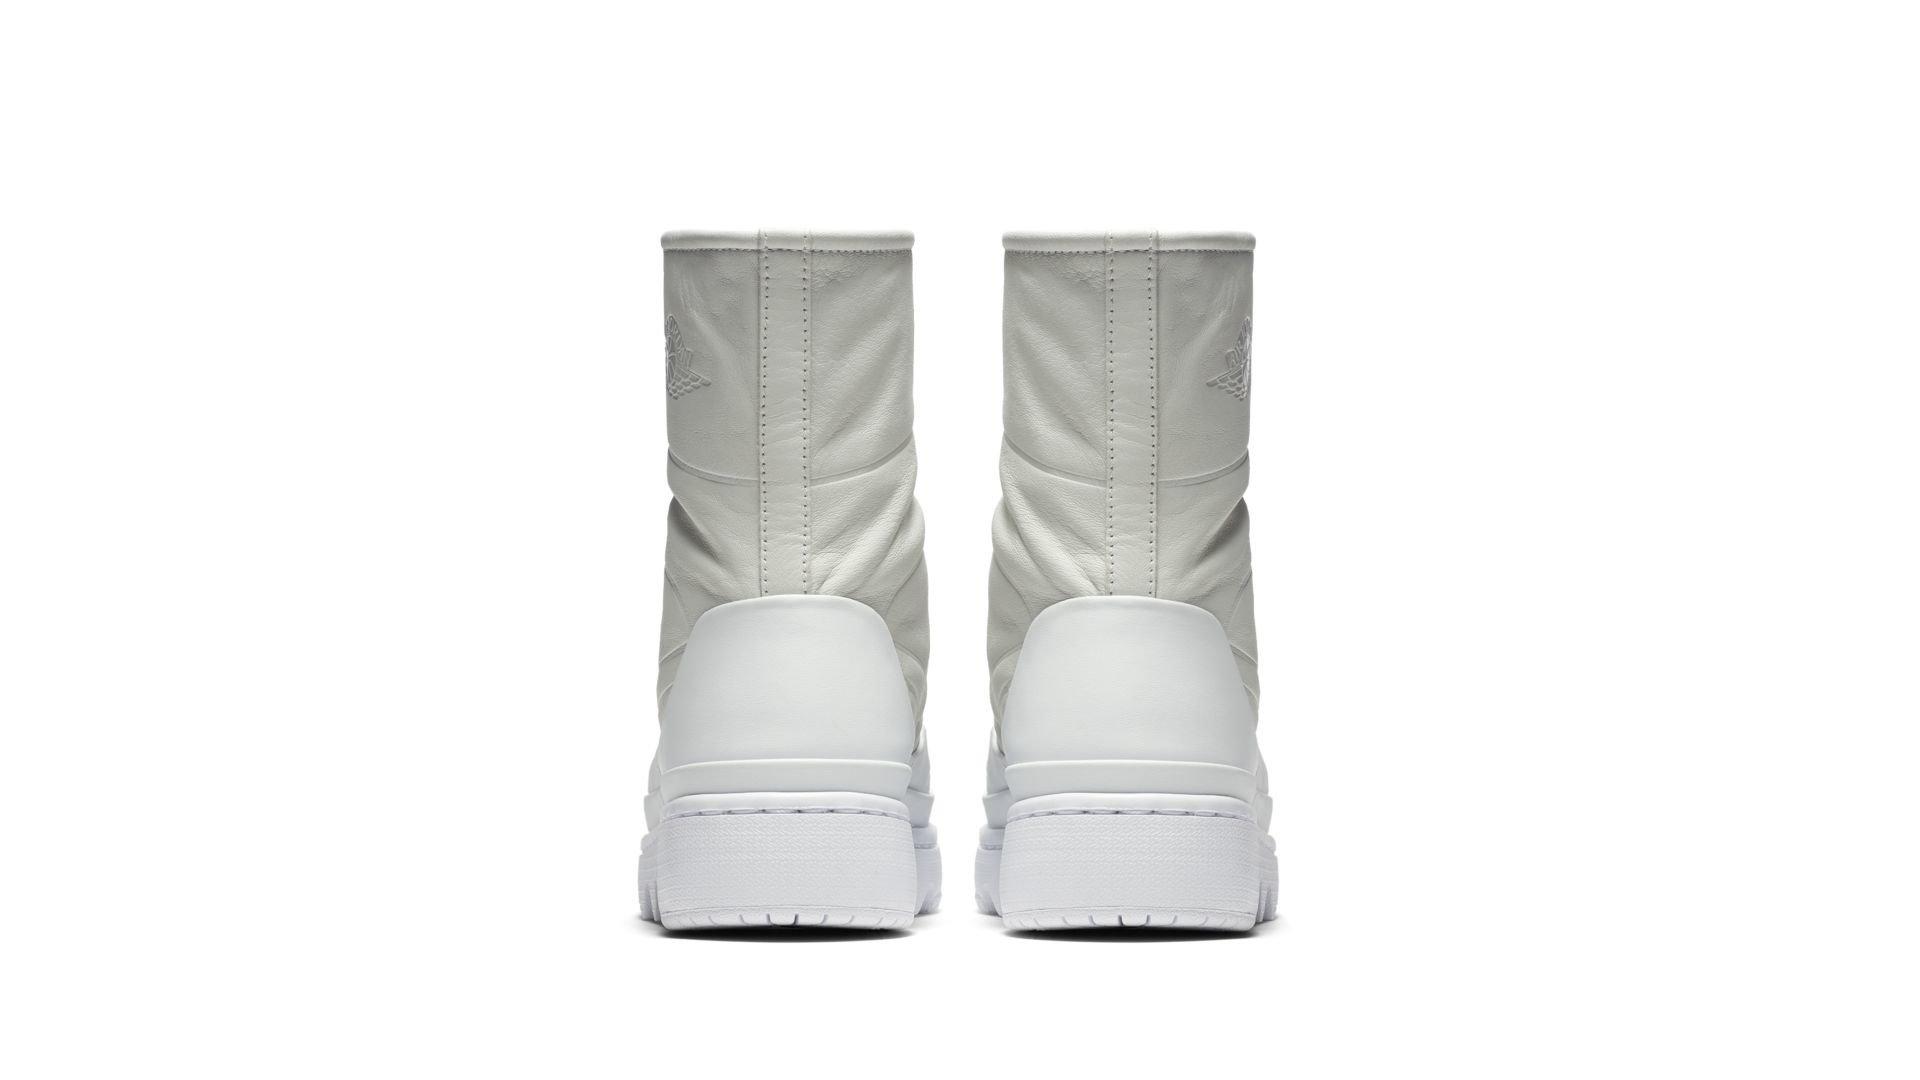 Jordan 1 Jester XX Off White (W) (AO1265-100)